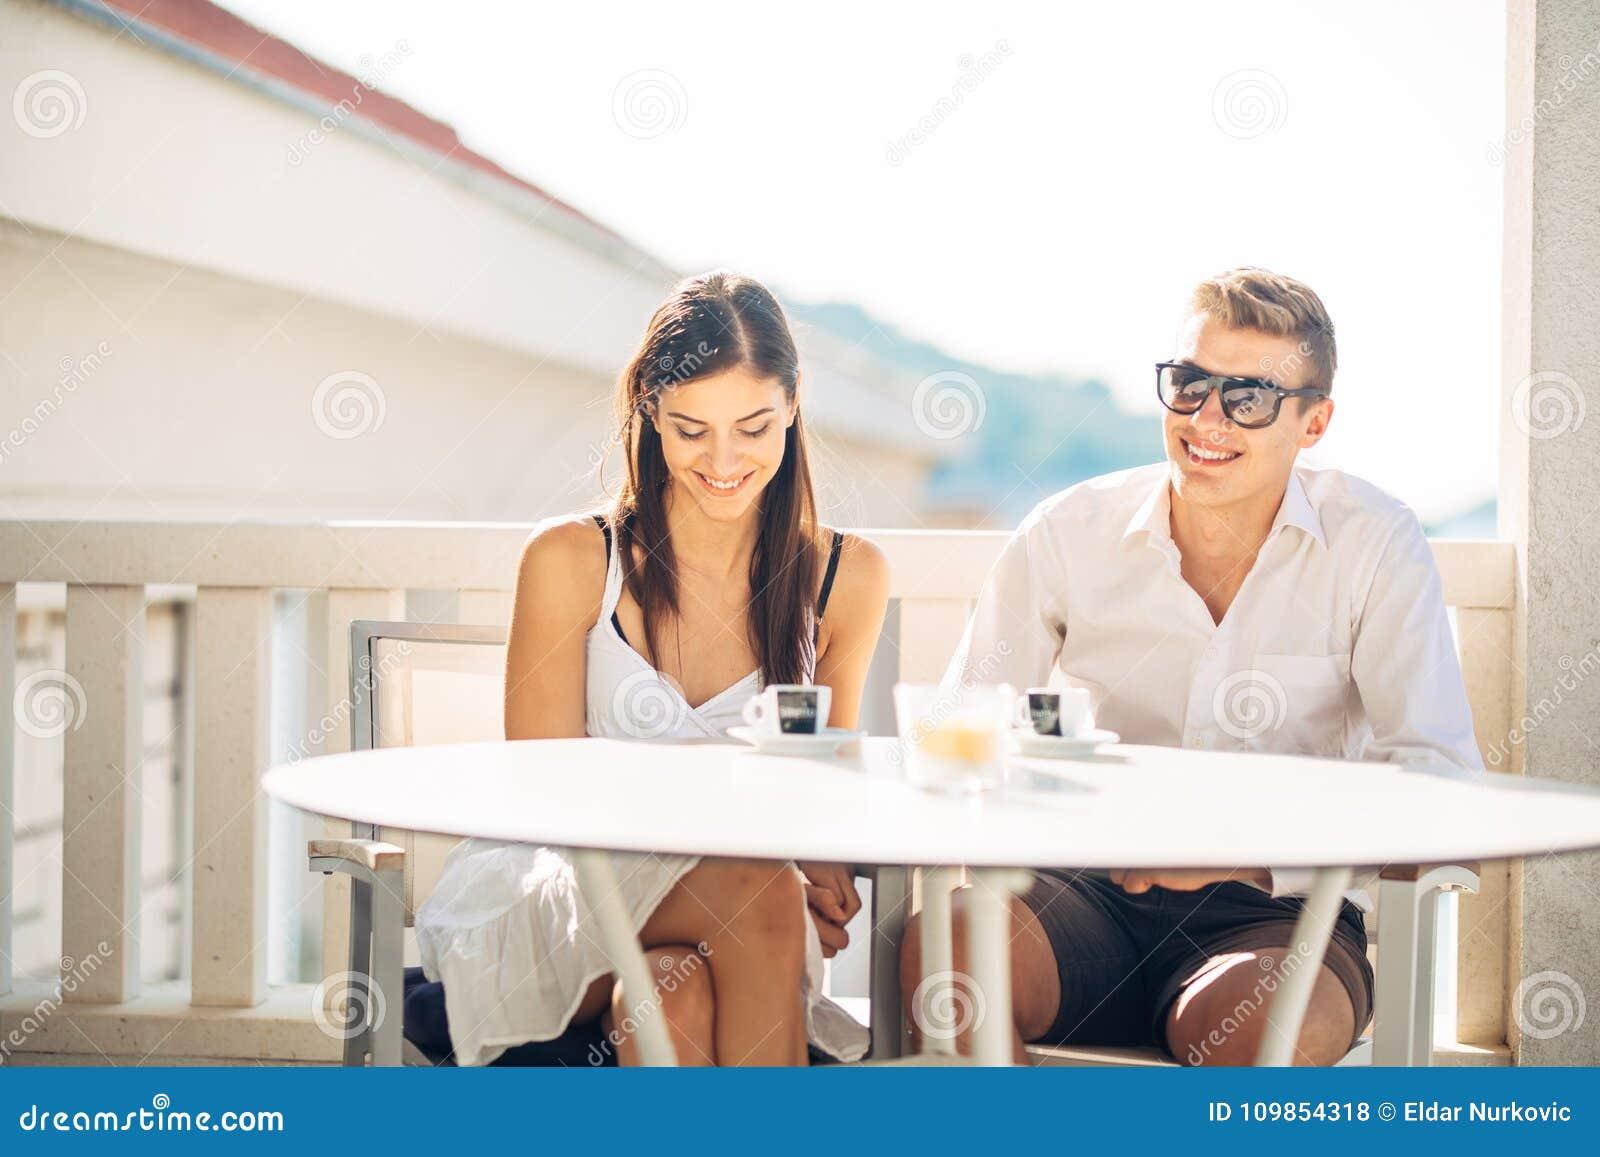 Pares Atractivos Que Tienen Primera Fecha Cita A Ciegas Café Con Un Amigo Gente Feliz Sonriente Que Come Un Café Fechando Foto De Archivo Imagen De Atractivos Amigo 109854318